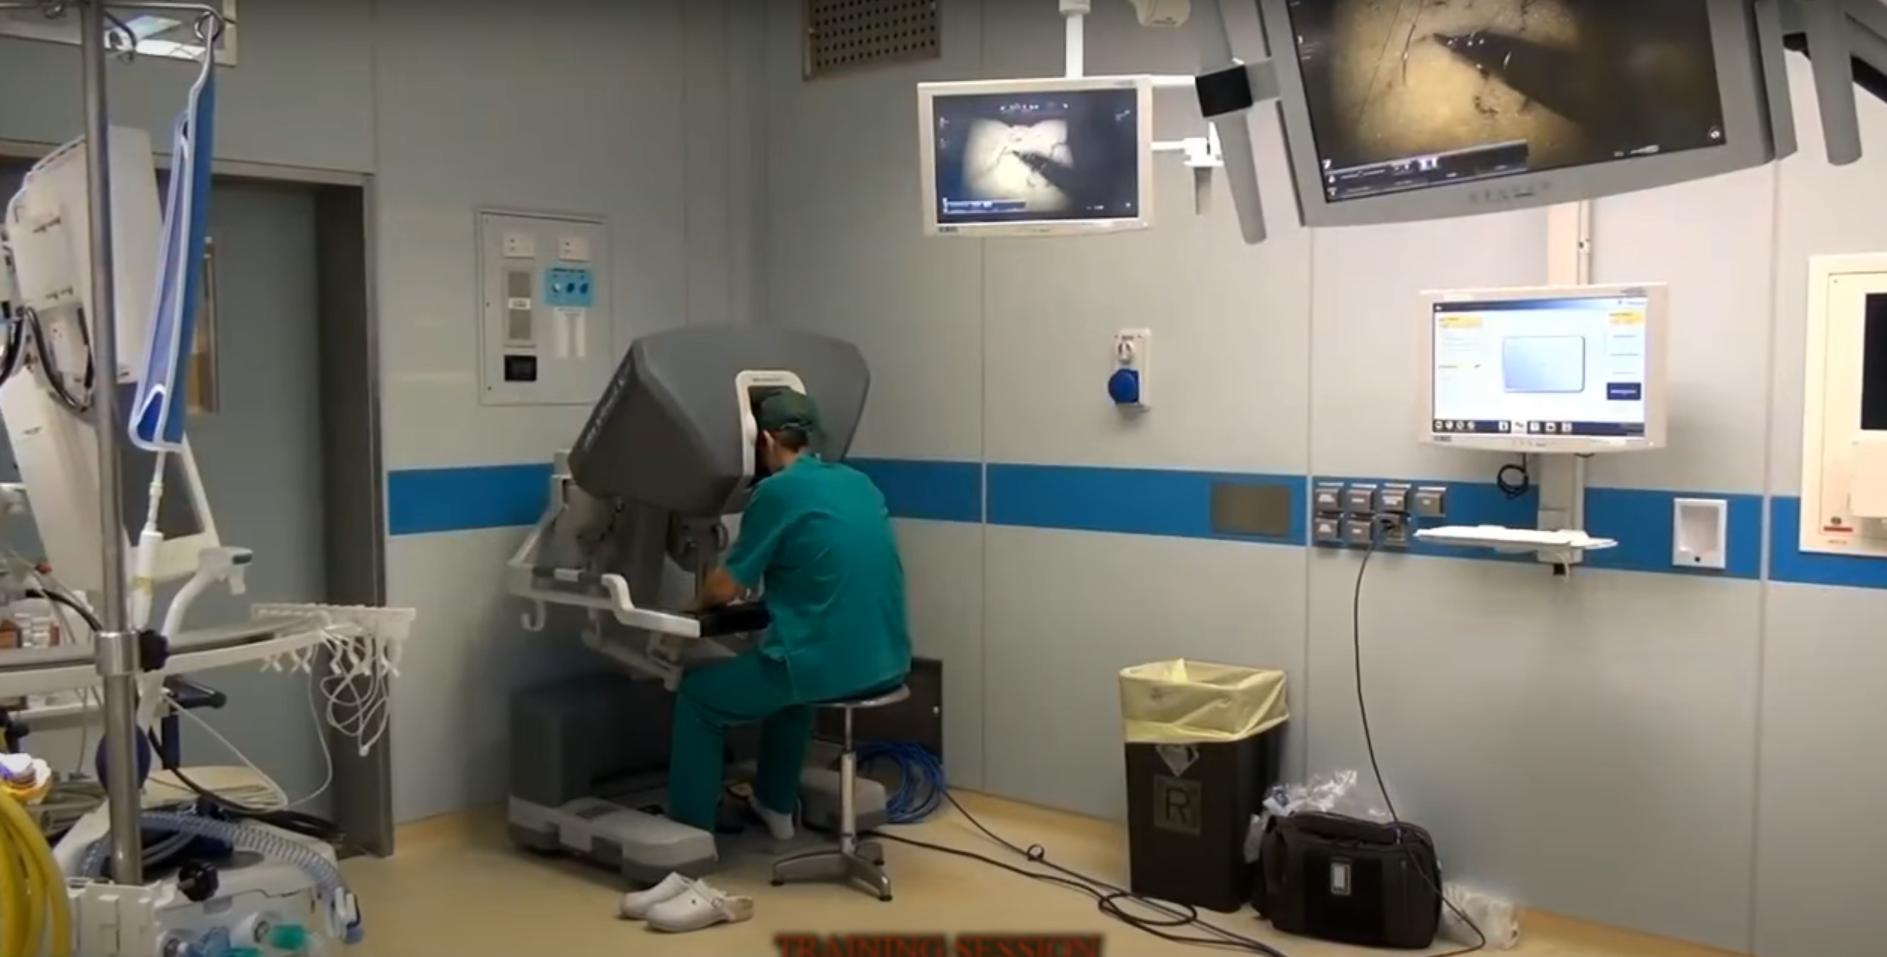 Immagine per Un robot per operazioni chirurgiche più veloci e precise, rivoluzione all'ospedale di Gorizia